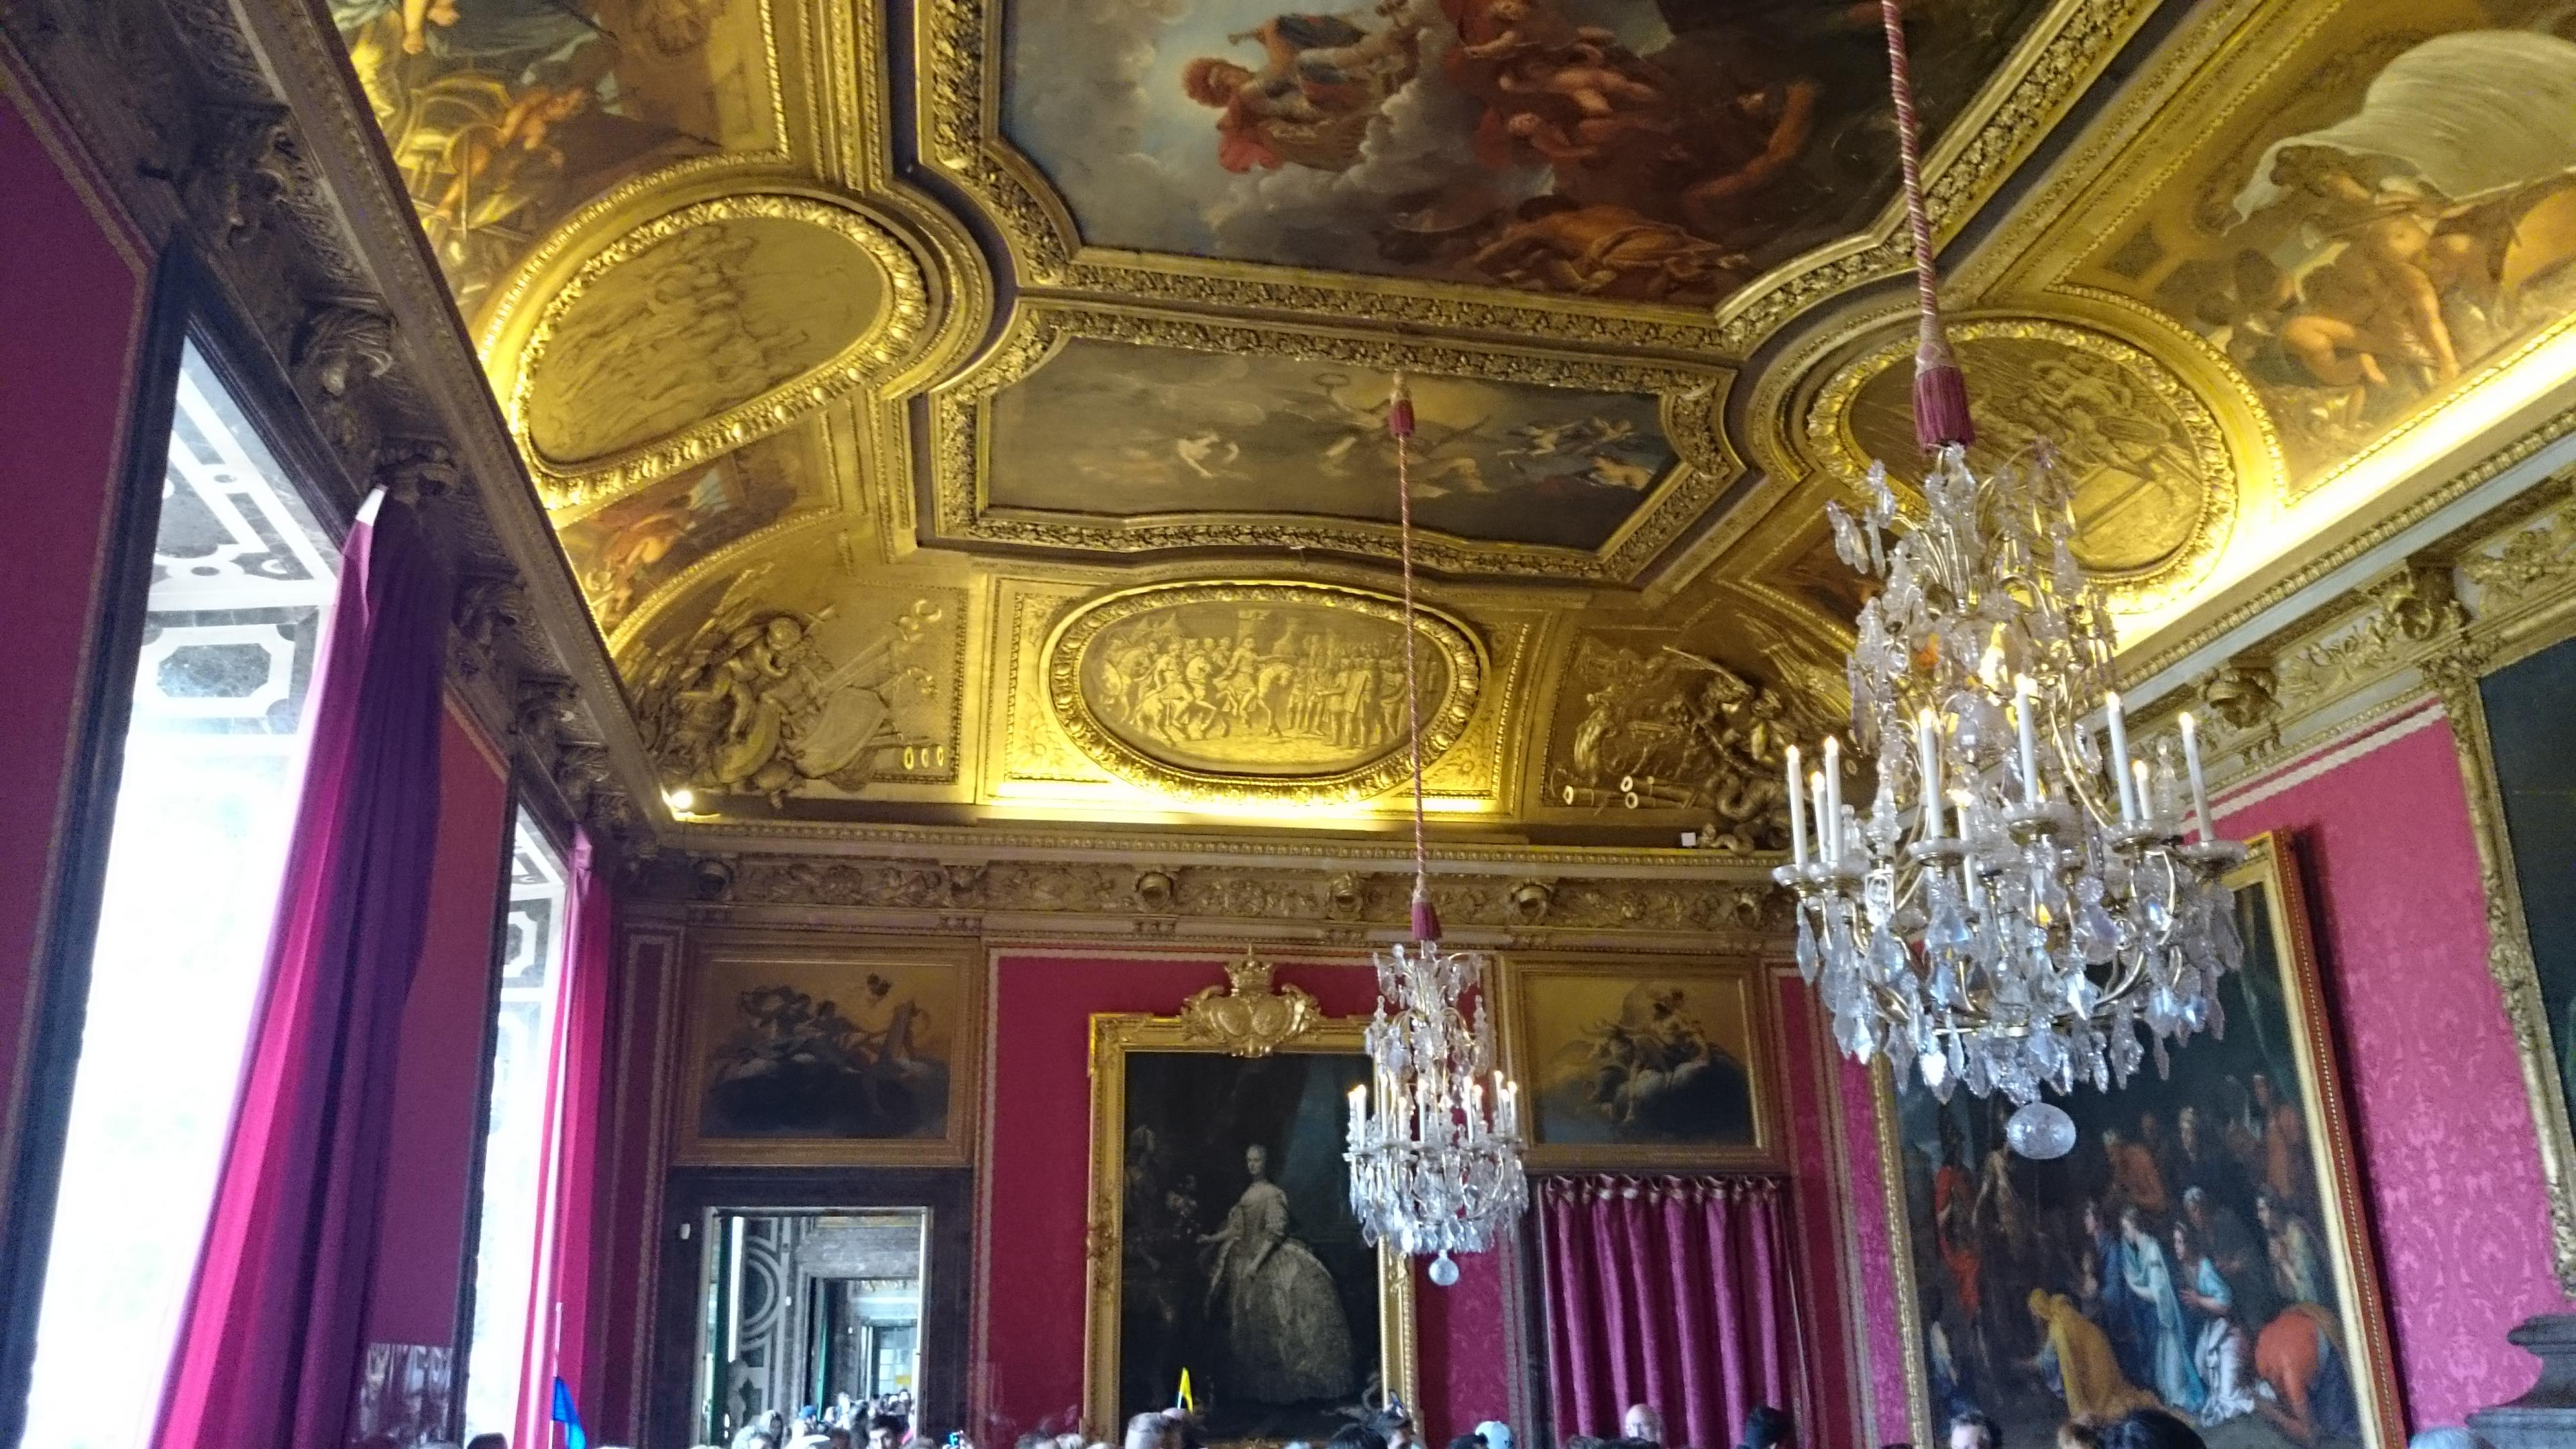 dsc 13491 - Visita al Palacio de Versalles: Como ir, cuanto cuesta y tips III/III